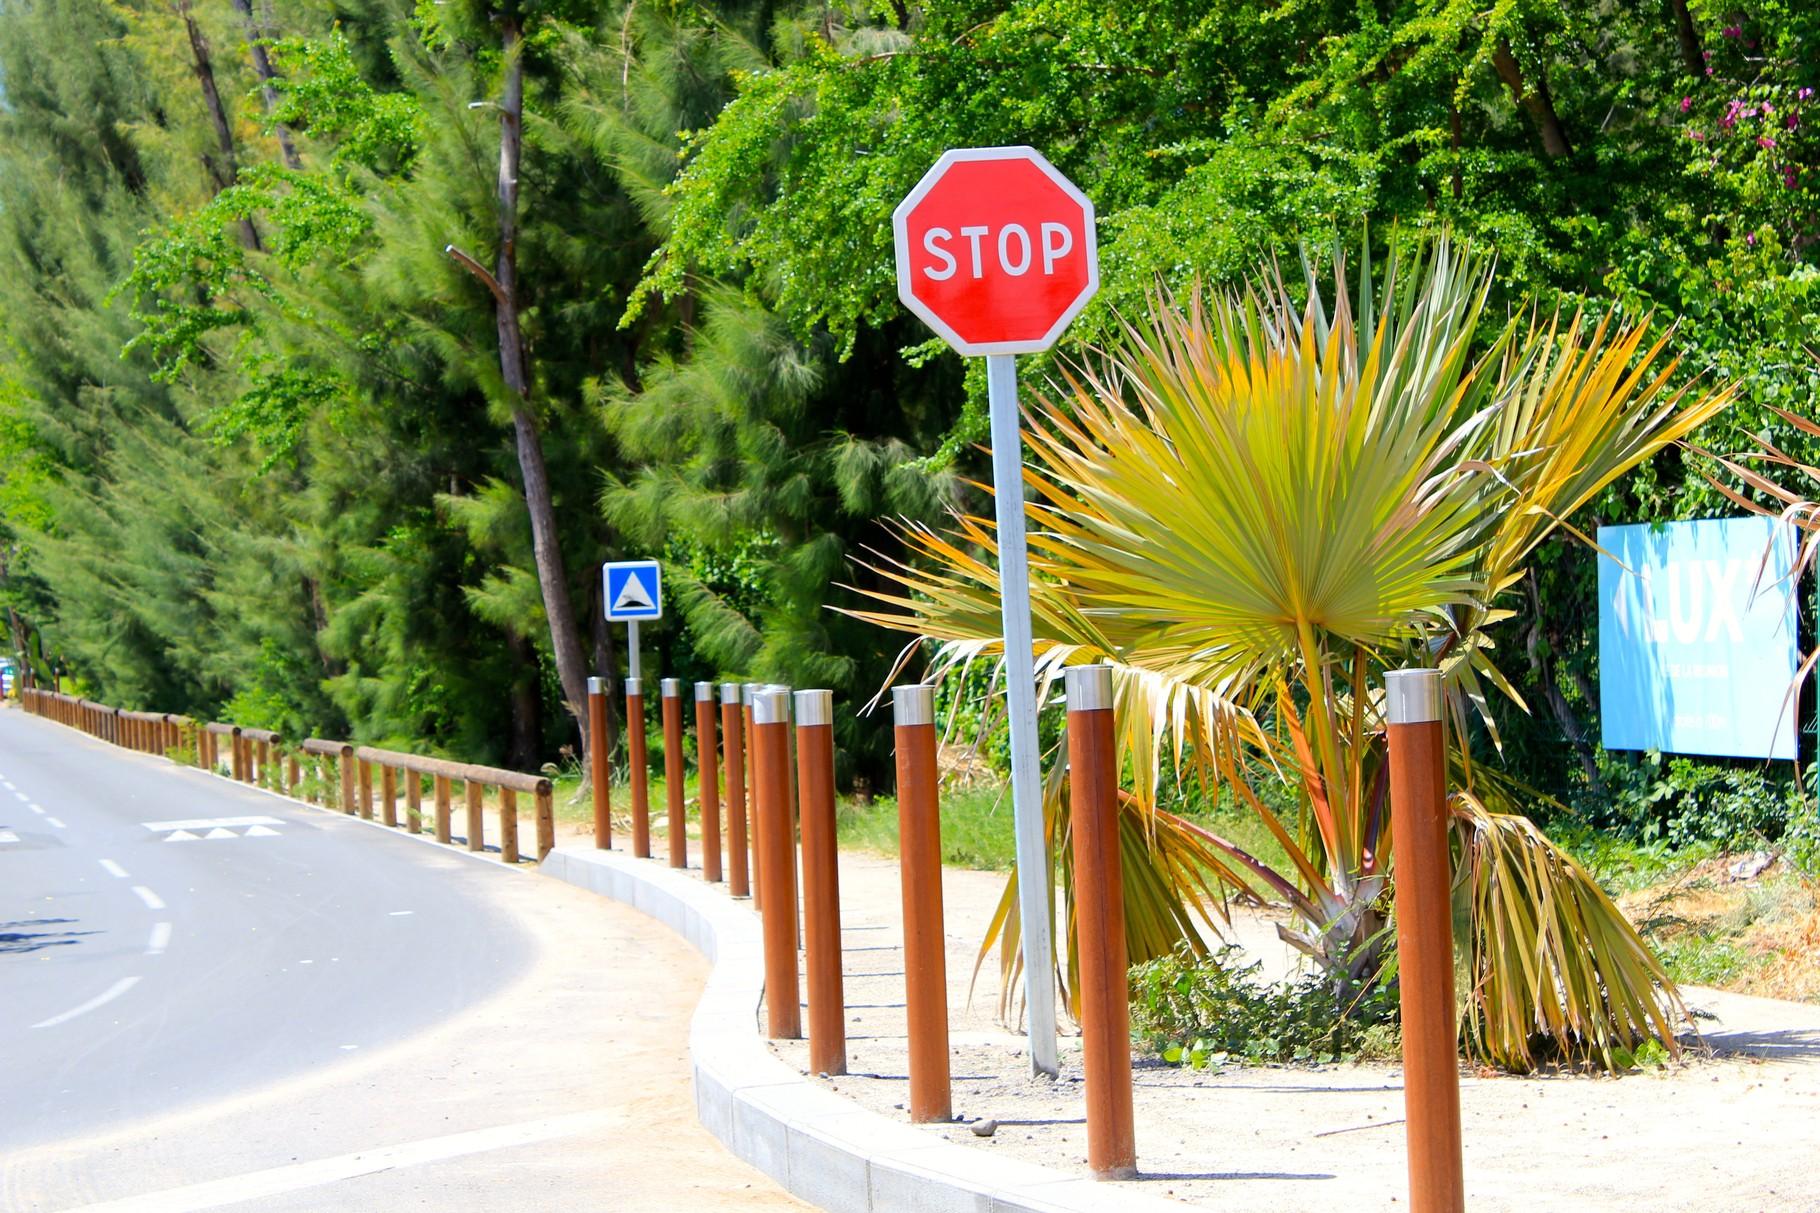 Chemin menant à l'hôtel Lux*****